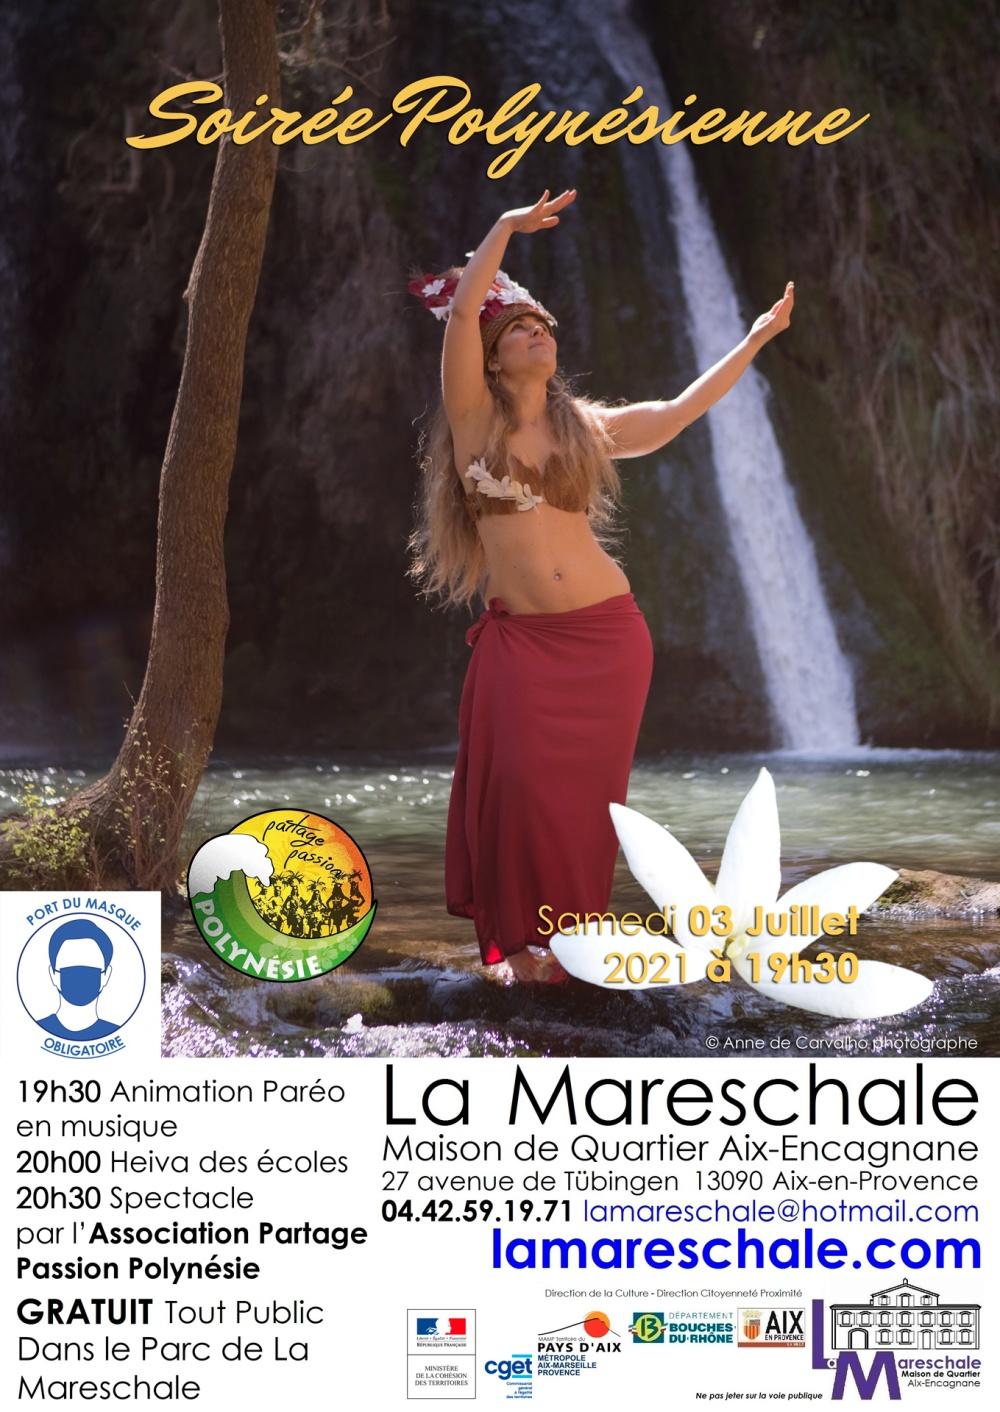 soiree-polynesienne-03juillet2021